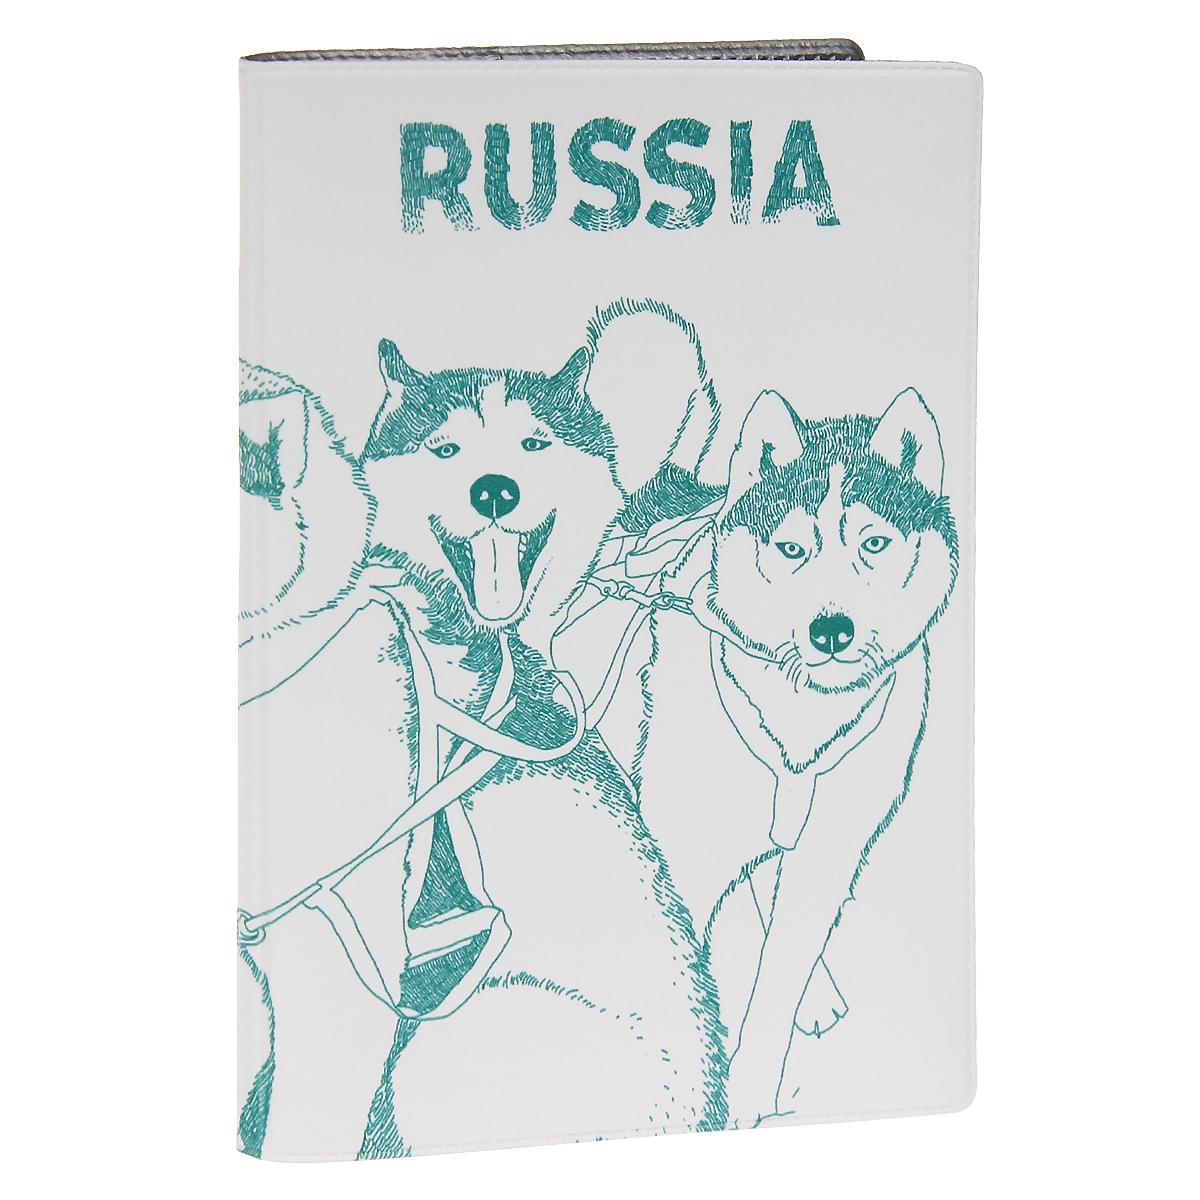 Обложка для паспорта Сибирские хаски. OZAM296130Обложка для паспорта Mitya Veselkov Хаски выполнена из прочного ПВХ и оформлена изображением нескольких собак породы хаски. Такая обложка не только поможет сохранить внешний вид ваших документов и защитит их от повреждений, но и станет стильным аксессуаром, идеально подходящим вашему образу.Яркая и оригинальная обложка подчеркнет вашу индивидуальность и изысканный вкус. Обложка для паспорта стильного дизайна может быть достойным и оригинальным подарком.